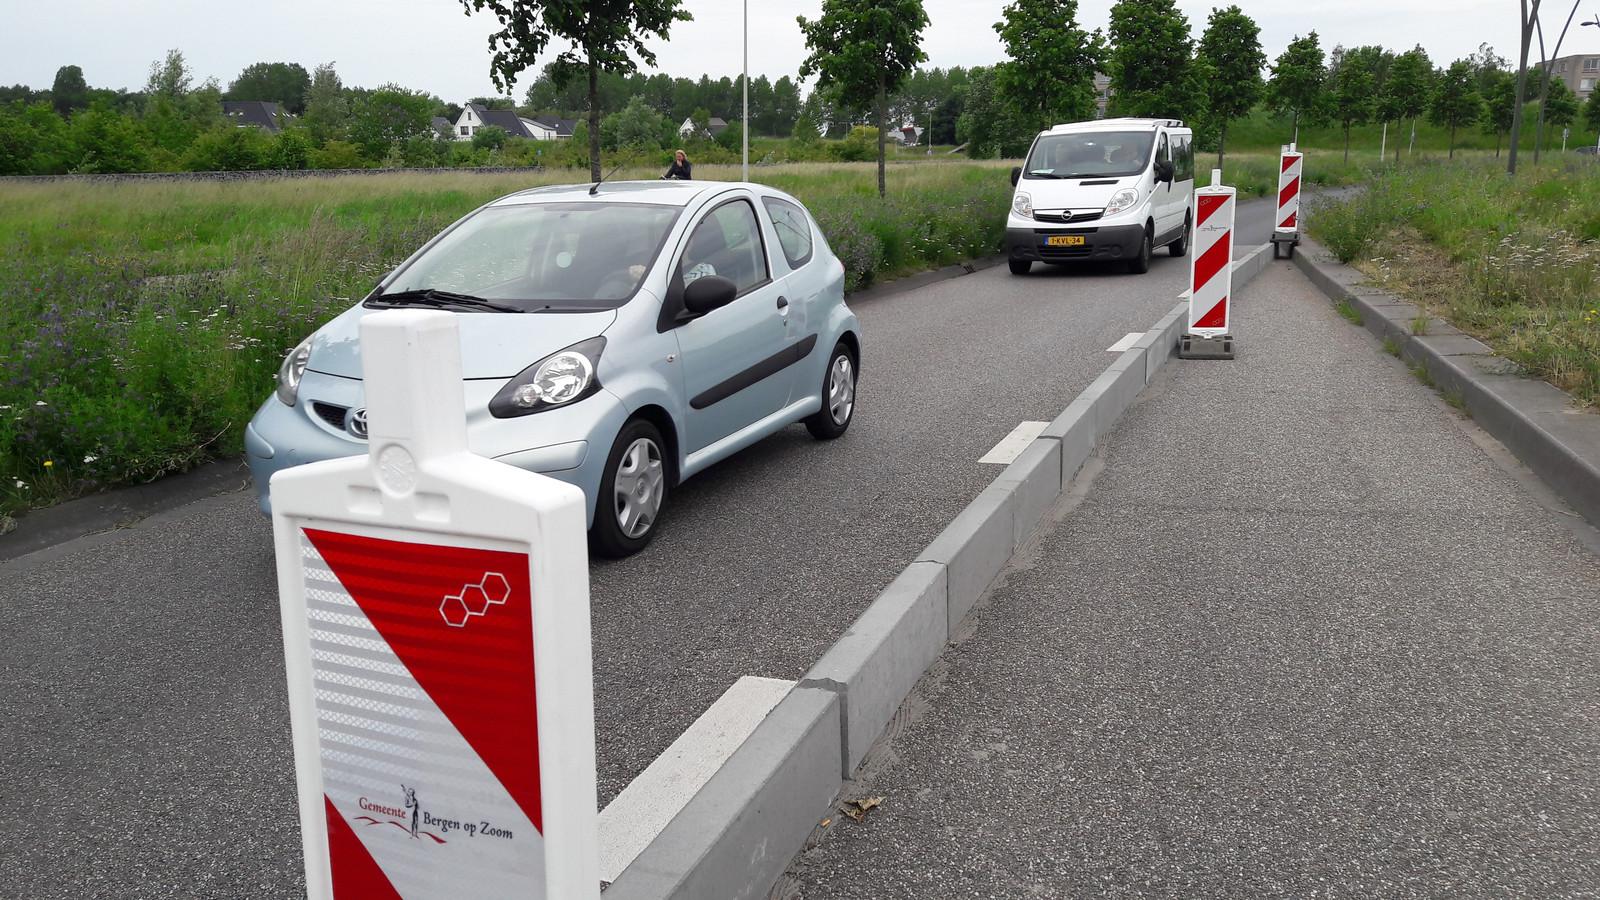 Sinds de afslag vanaf de Markiezaatsweg naar de Zuiderdreef in Bergen op Zoom is afgezet met betonranden, ligt de snelheid lager. Positief voor de verkeersveiligheid, stelt wethouder Annette Stinenbosch.